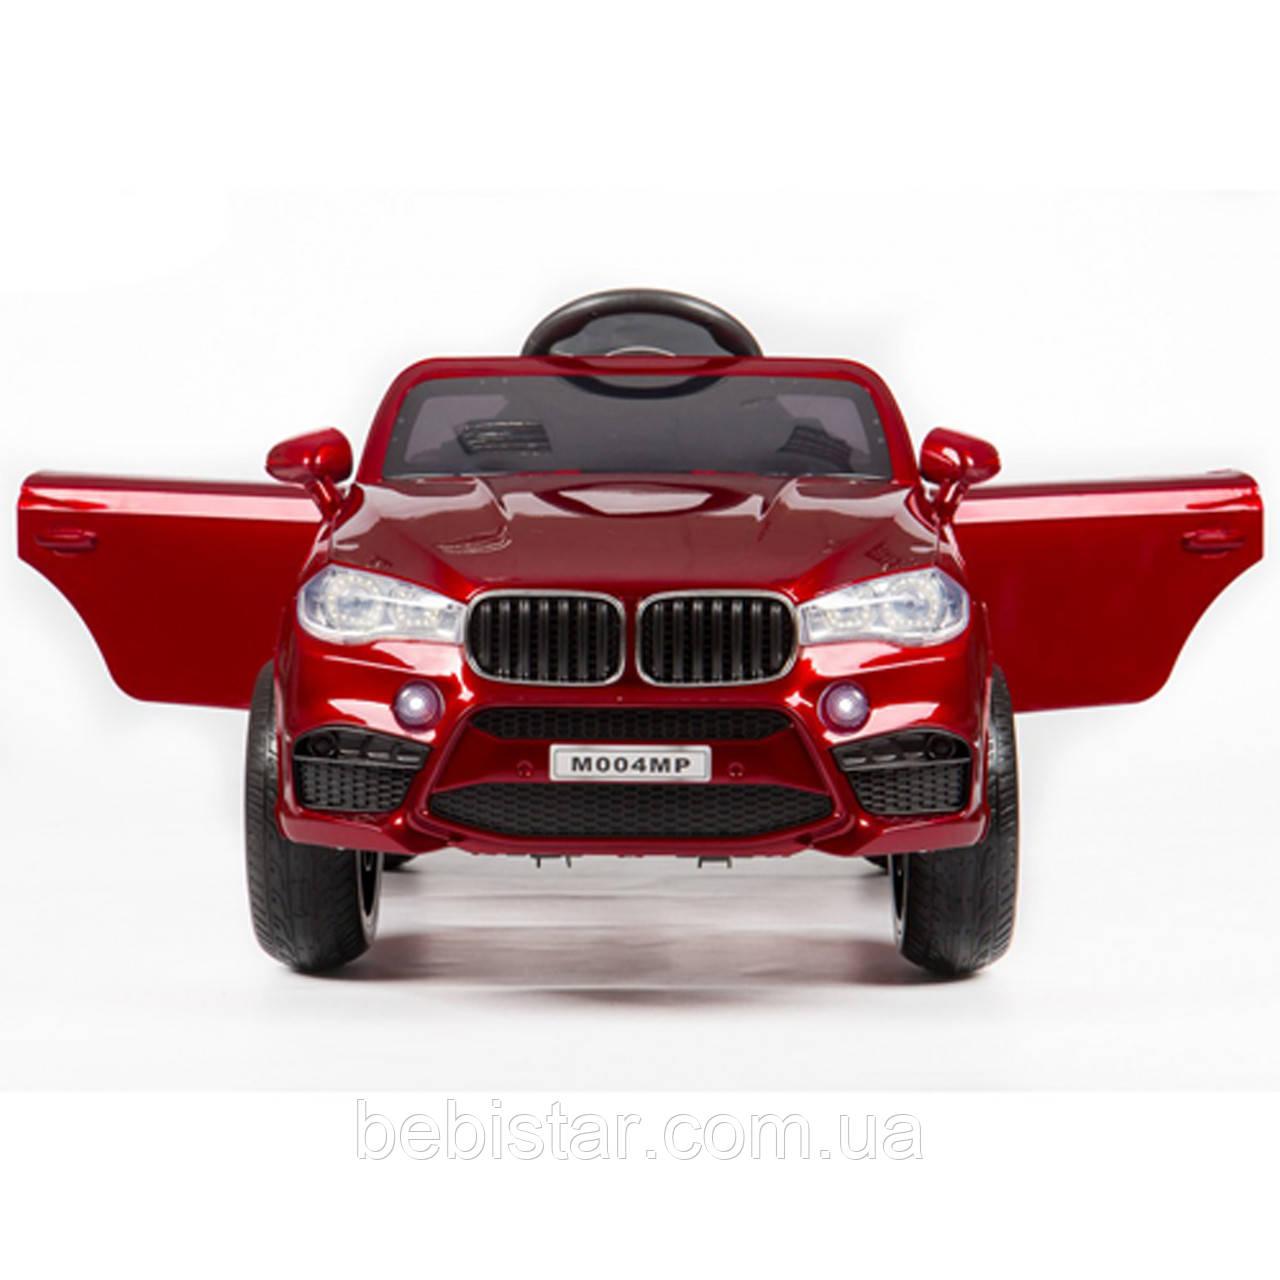 Детский электромобиль Джип красный T-7830 RED деткам 3-8 лет с пультом мотор 2*25W аккумулятор 2*6V4,5AH